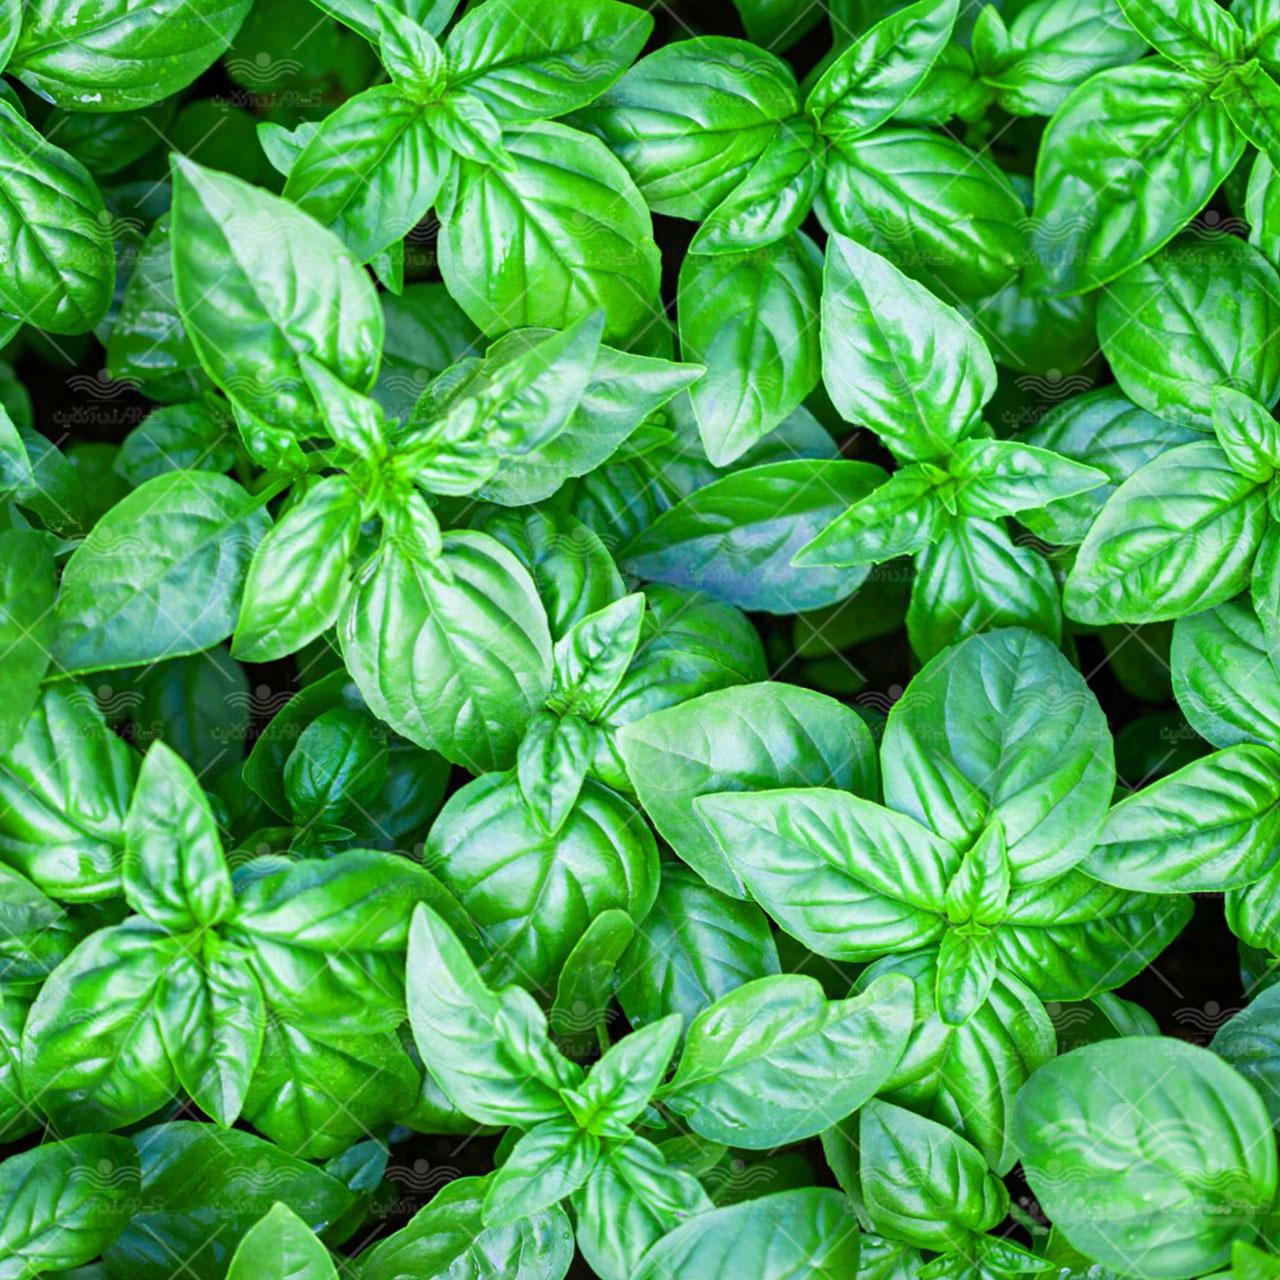 بذر سبزی ریحان سبز 20 گرمی